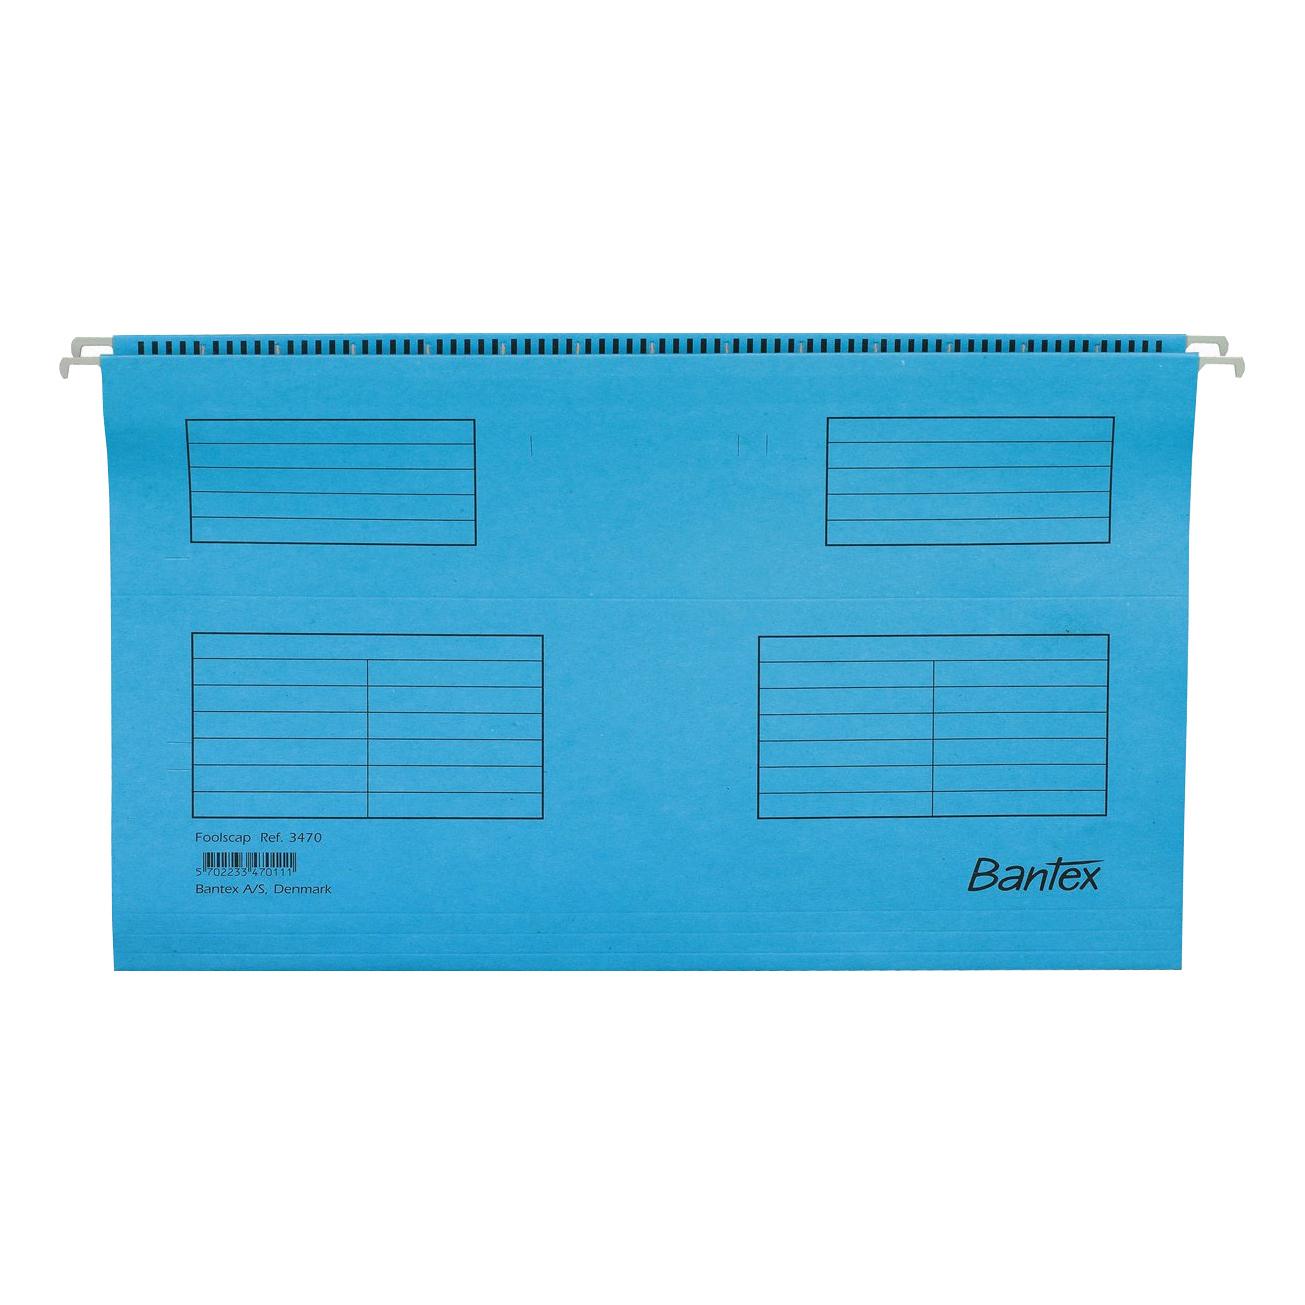 Suspension File Bantex Flex Suspension File Kraft V-Base 15mm 220gsm Foolscap Blue Ref 100331437 Pack 25